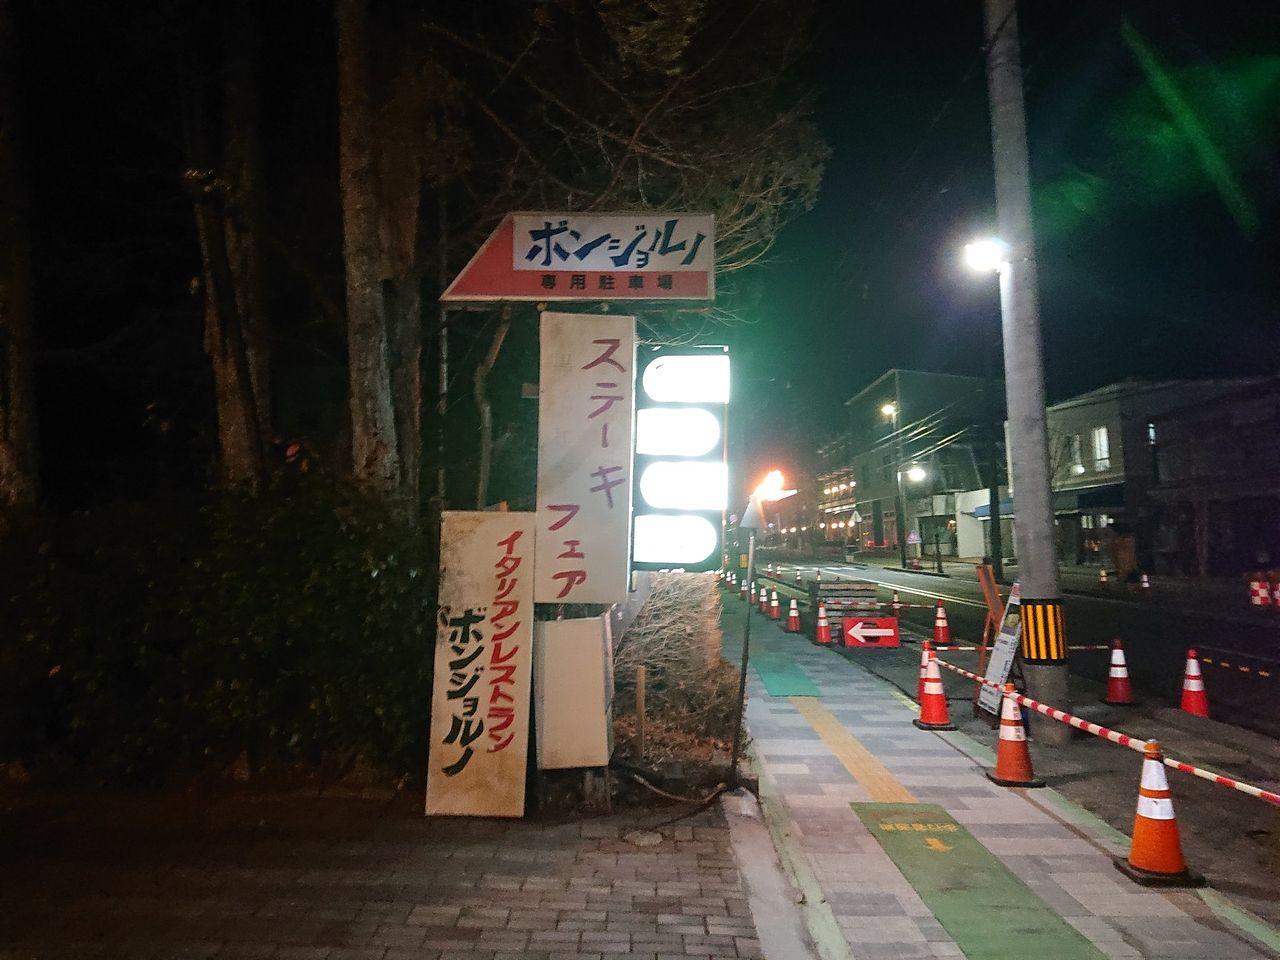 軽井沢グルメ イタリアン「ボンジョルノ」 ランチ、ディナー